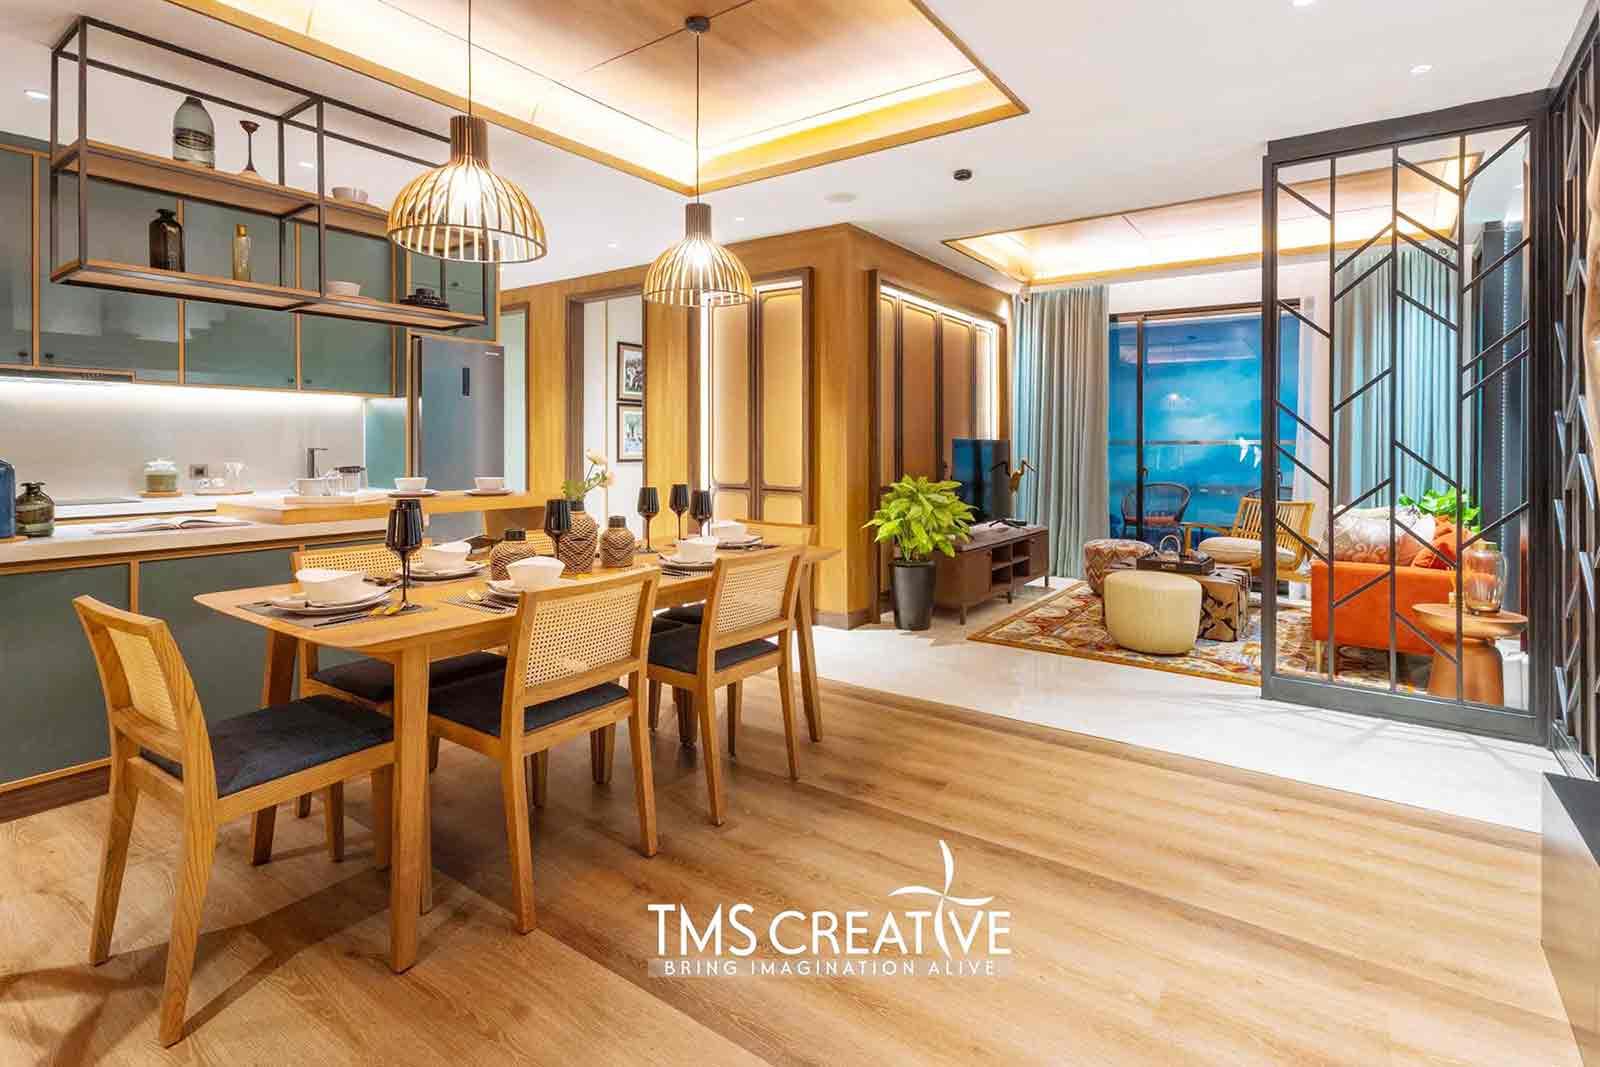 Desain ruang makan dan dapur yang estetik namun fungsional karya TMS Creative, via arsitag.com